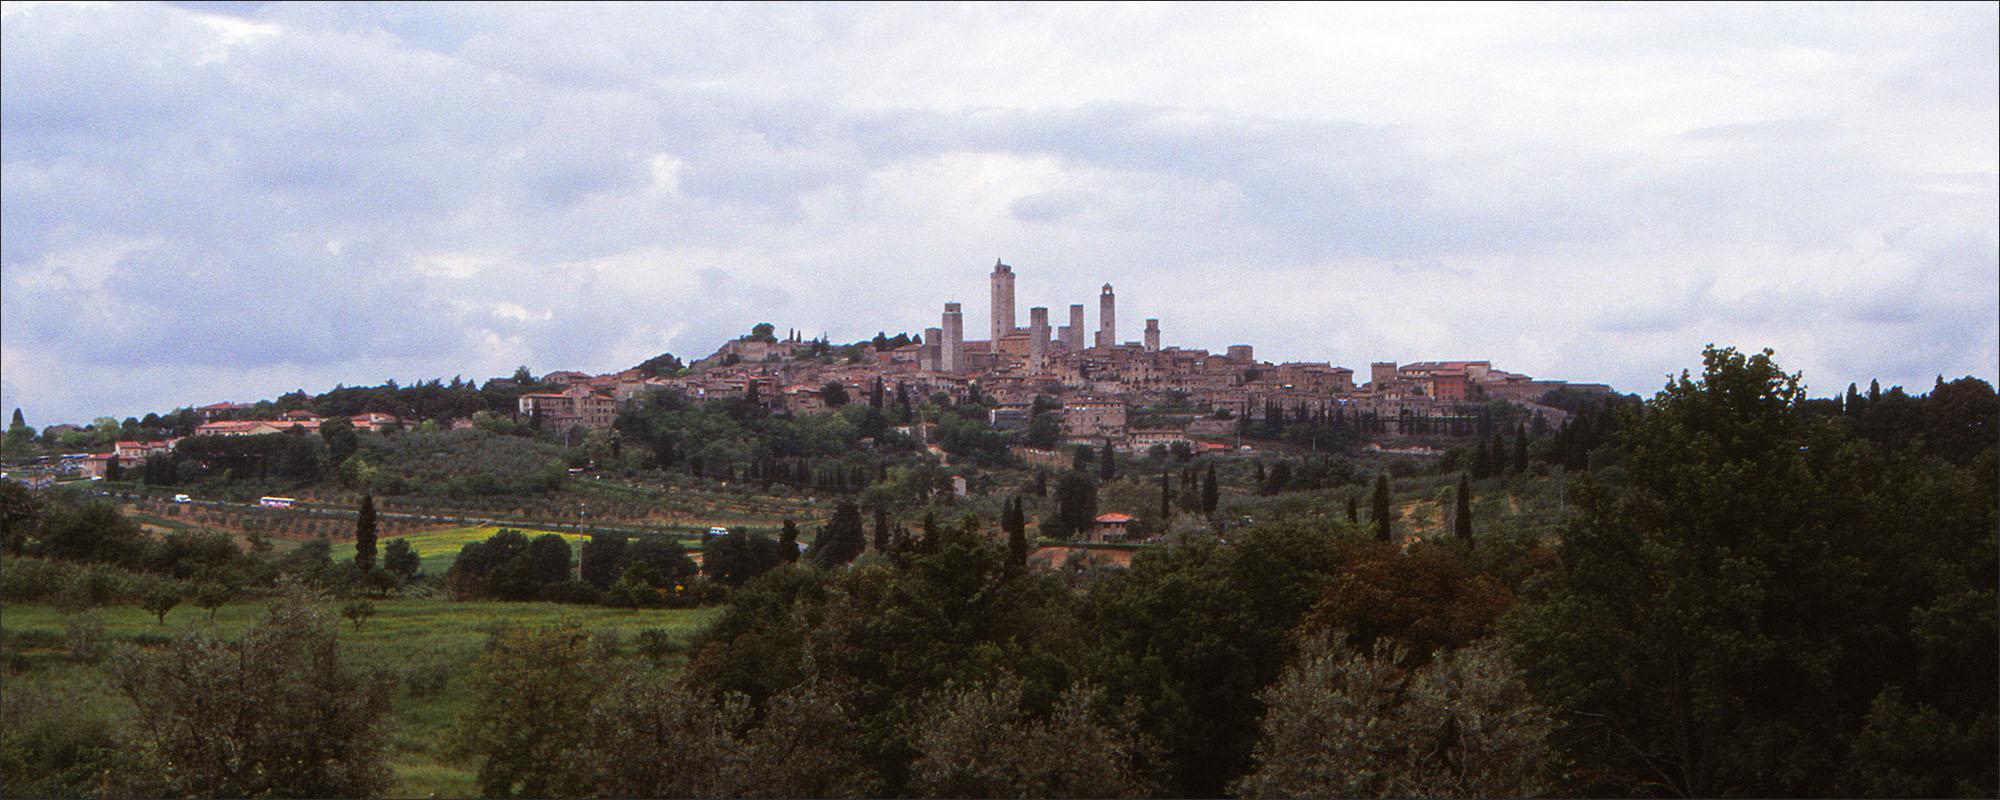 San Gimignano, de stad met de veertien torens.